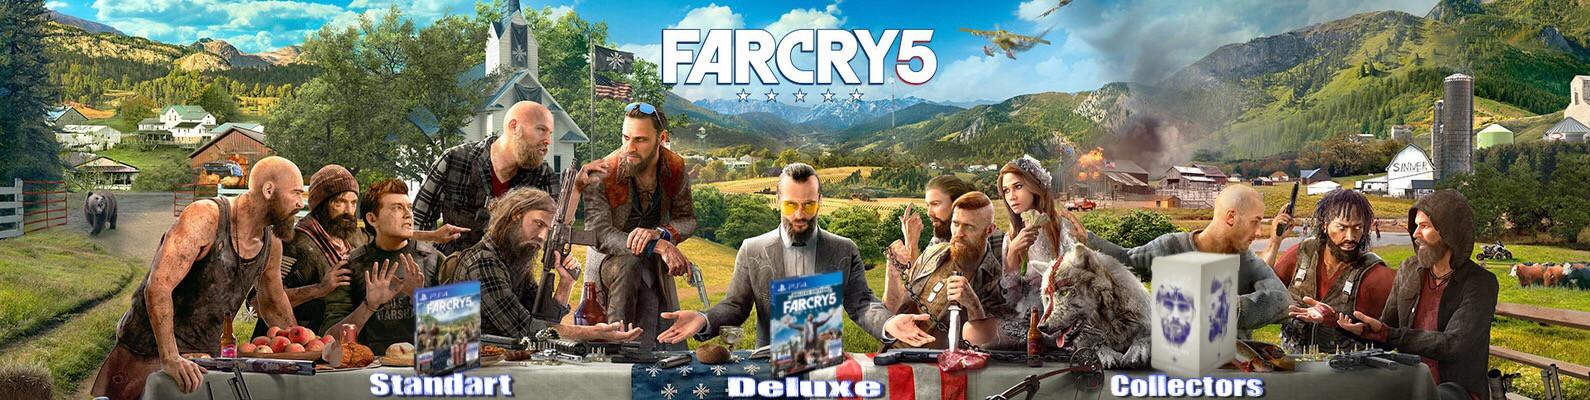 #Farcry5 #gamezone